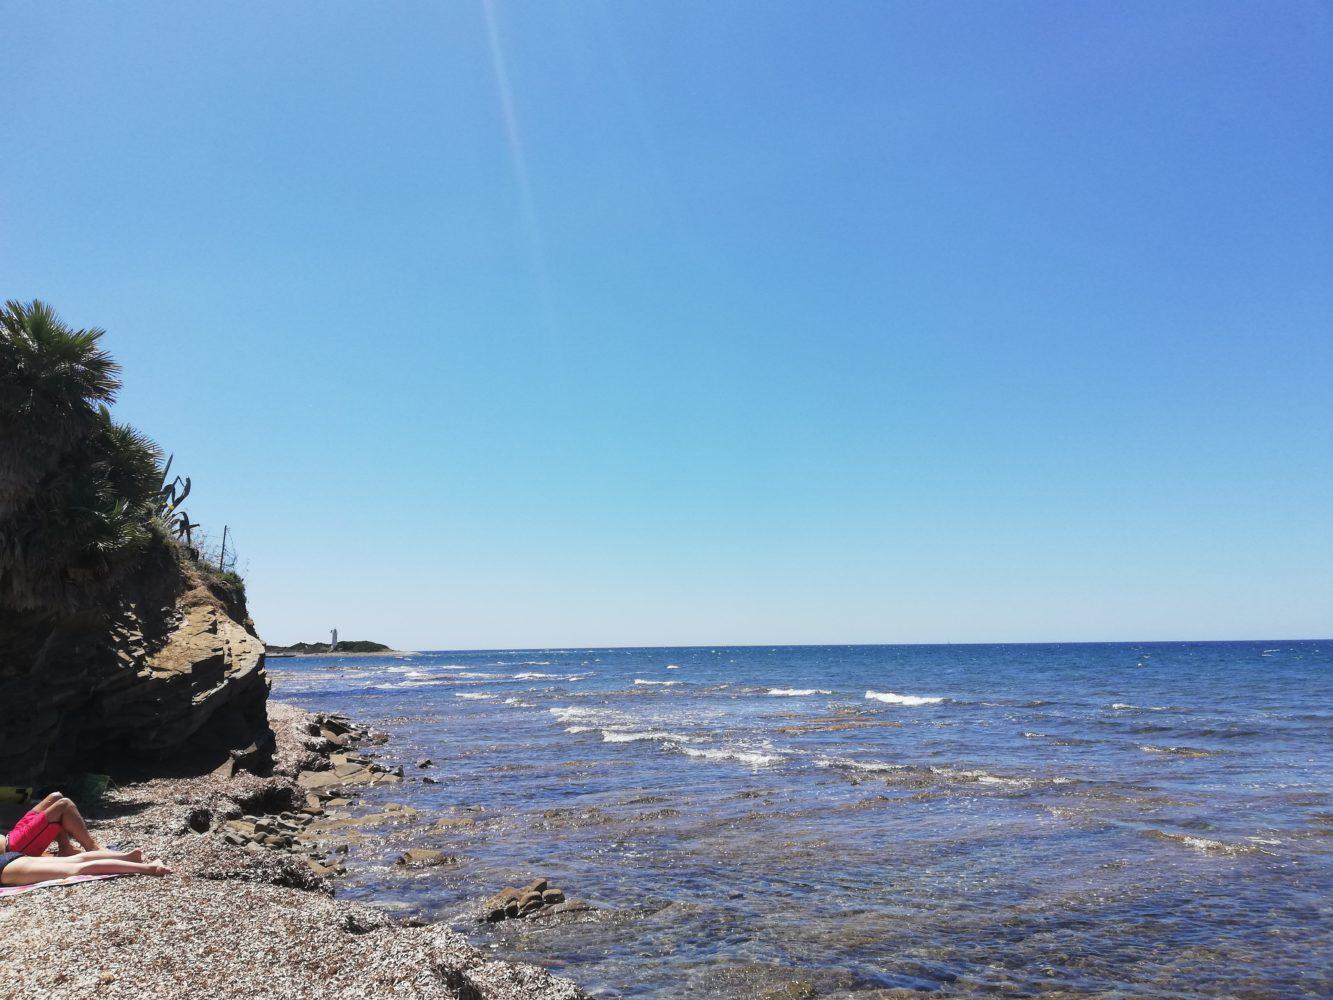 Spiaggia di punta licosa